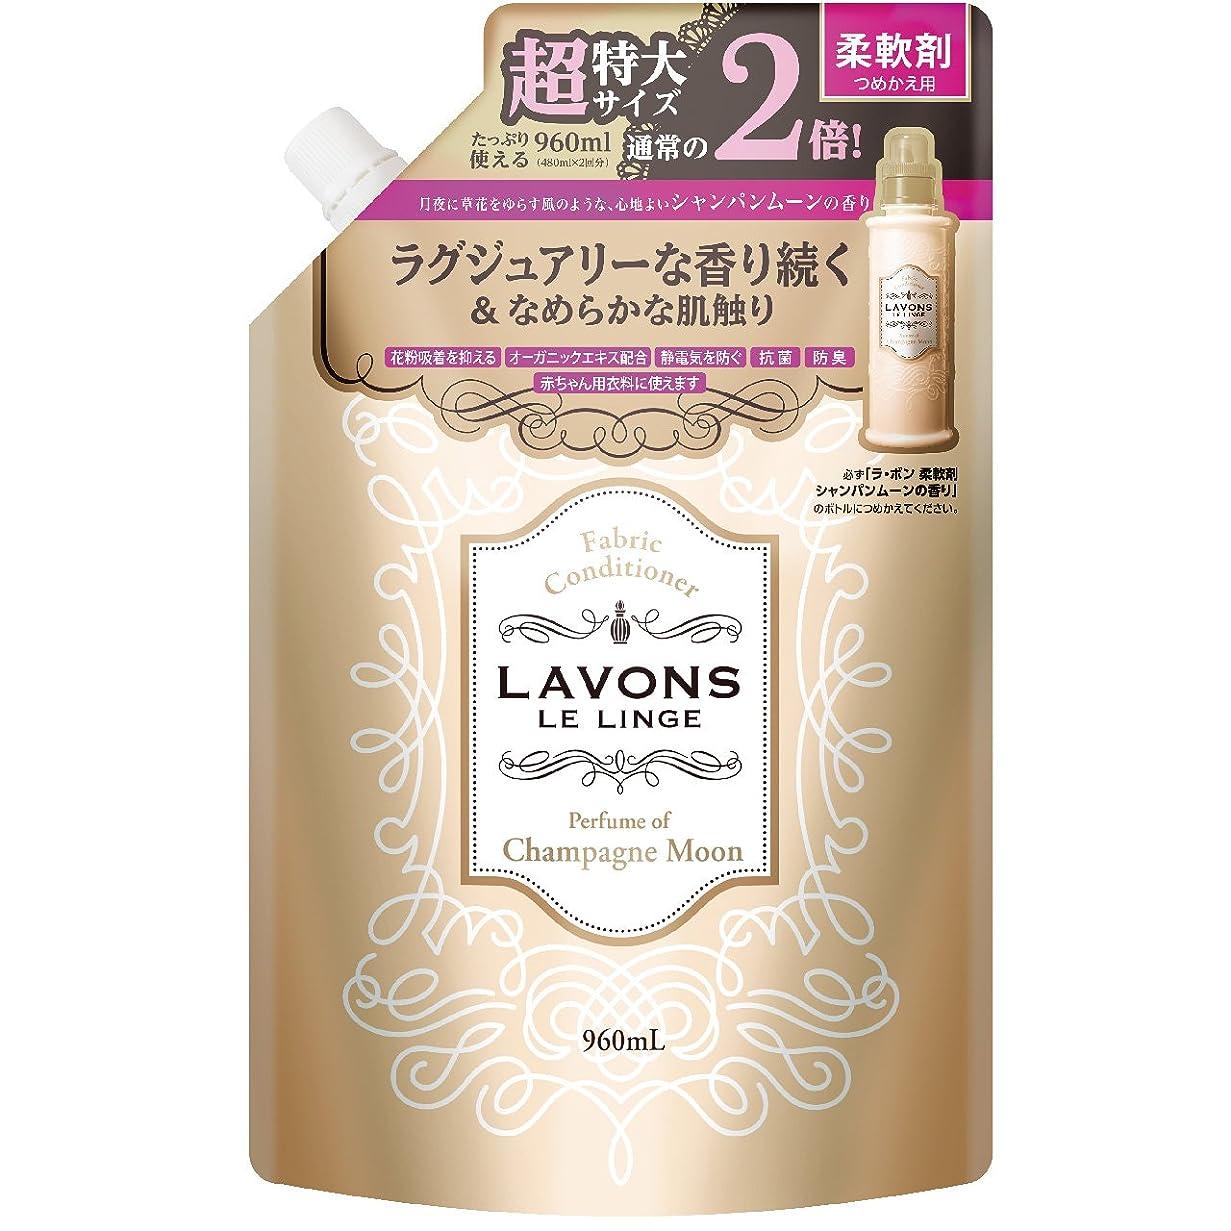 邪悪なディーラー活性化ラボン 柔軟剤 大容量 シャンパンムーン 詰め替え 960ml